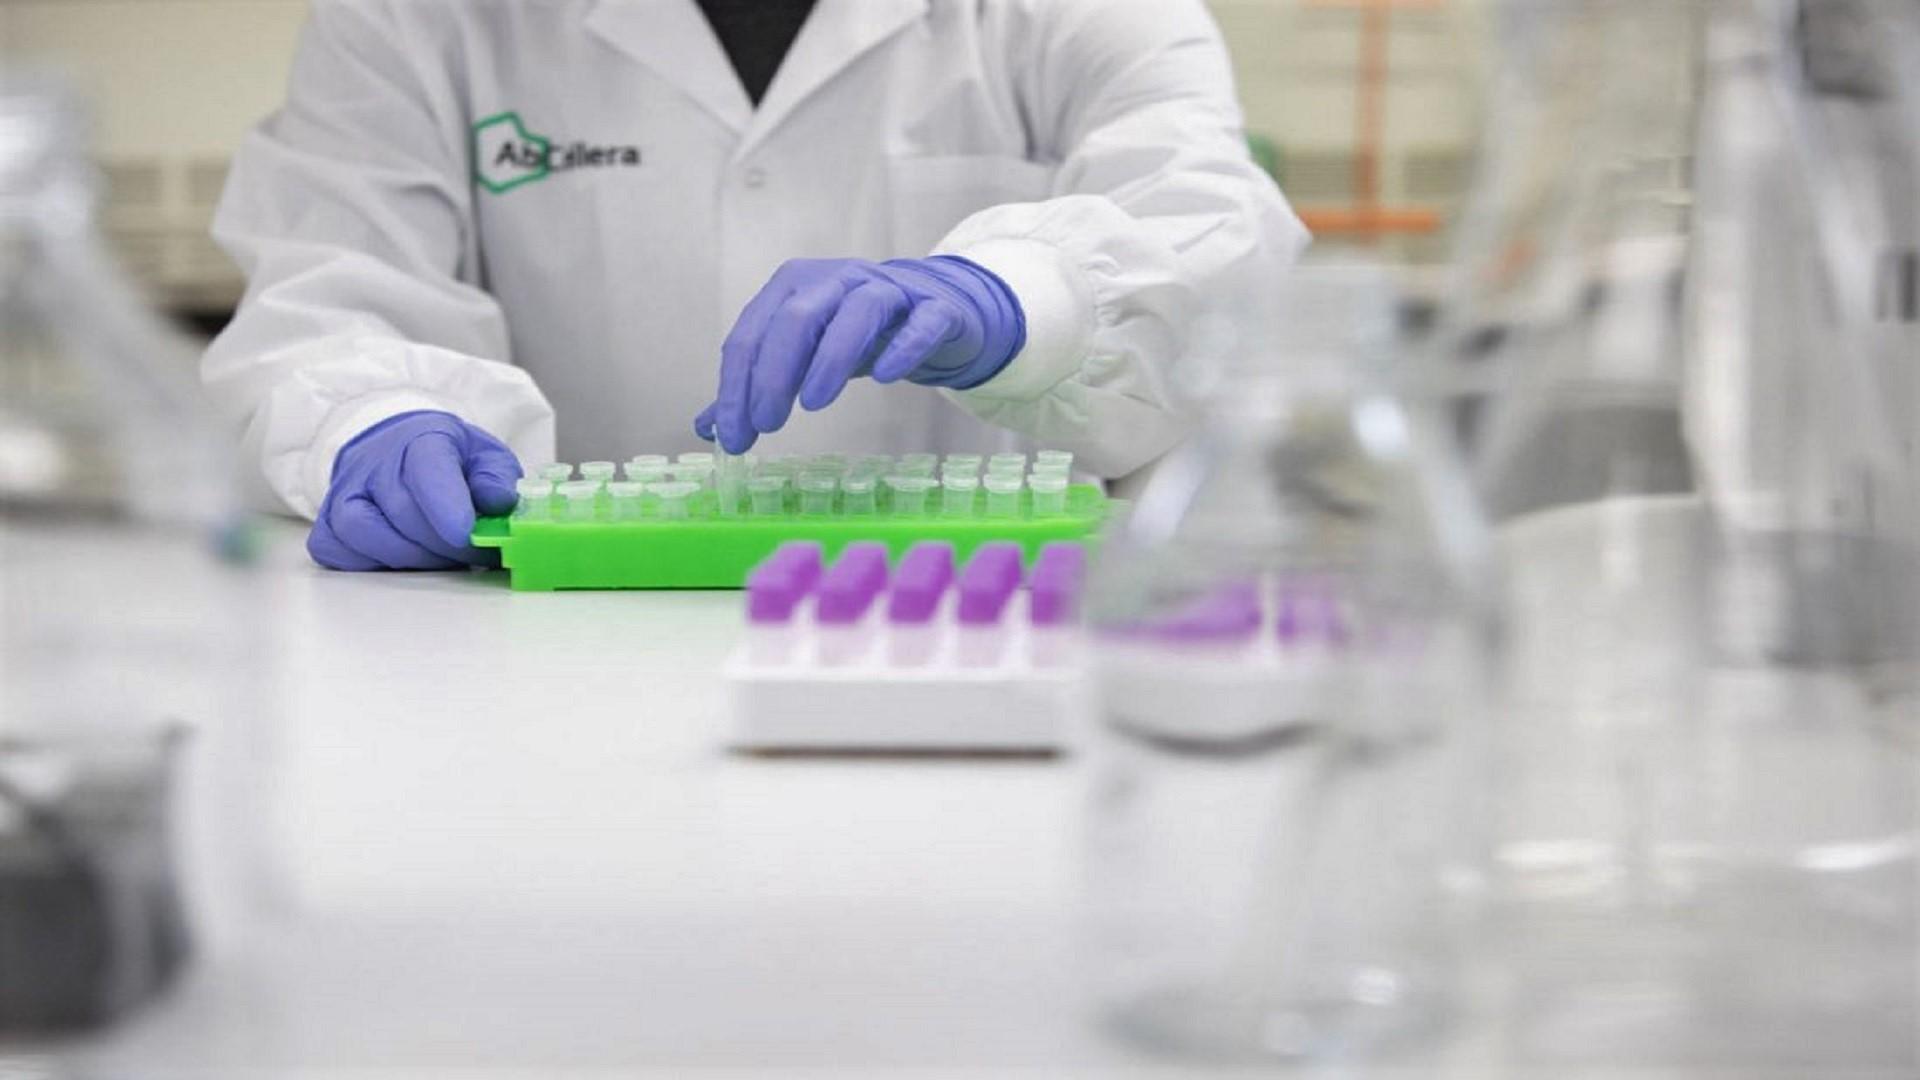 Η εταιρεία βιοτεχνολογίας AbCellera επενδύει σε ανακάλυψη φαρμάκων Al